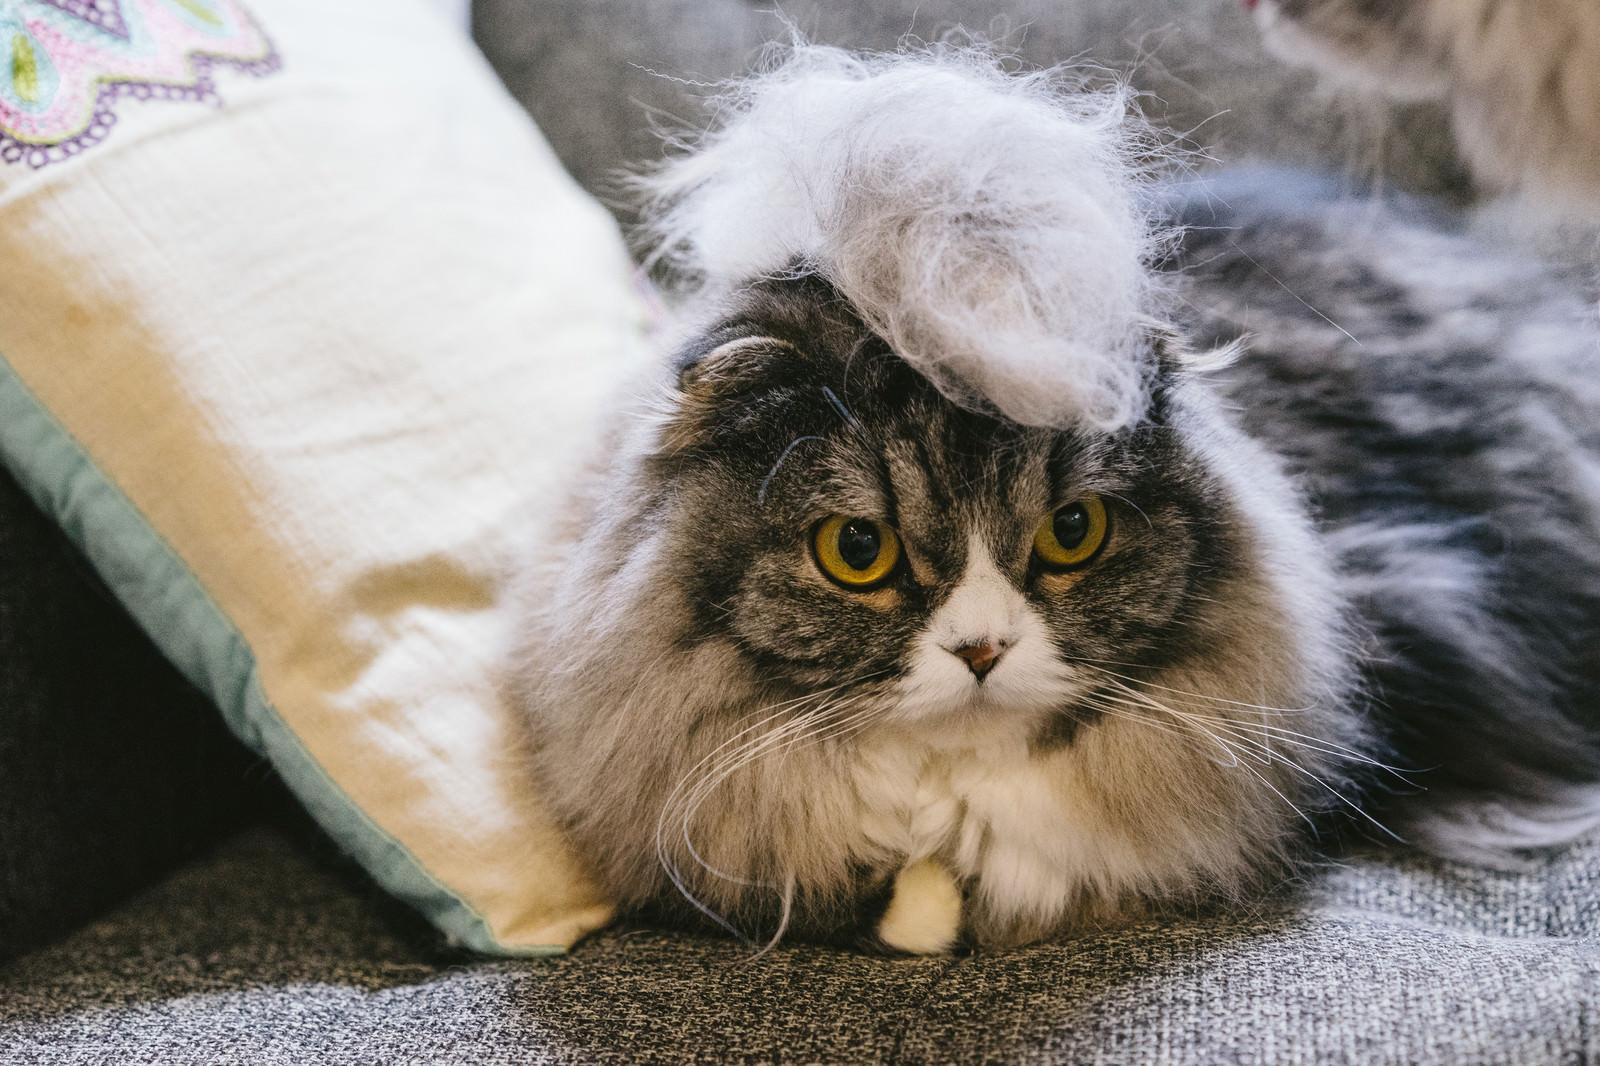 「毛玉モヒカン猫毛玉モヒカン猫」のフリー写真素材を拡大